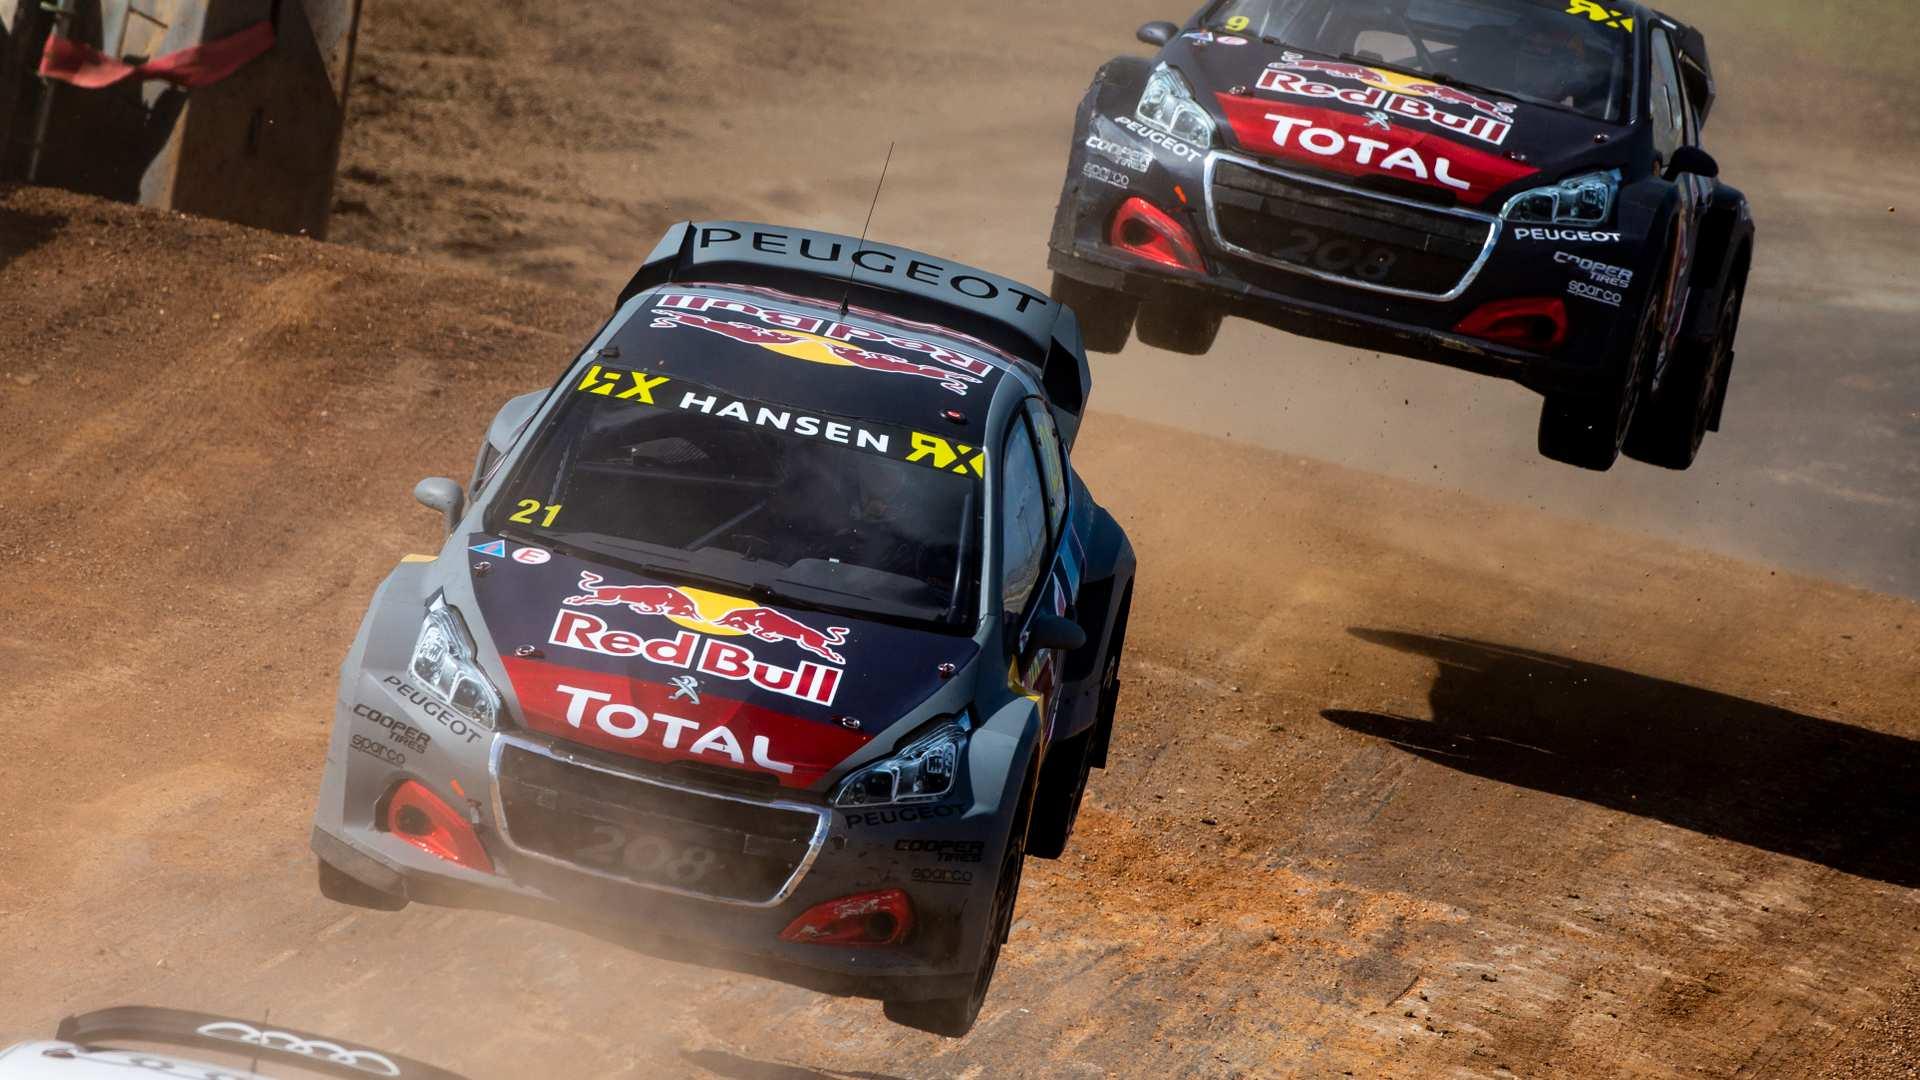 Peugeot покинет ралли-кросс ради дорожных гибридных спорткаров 1